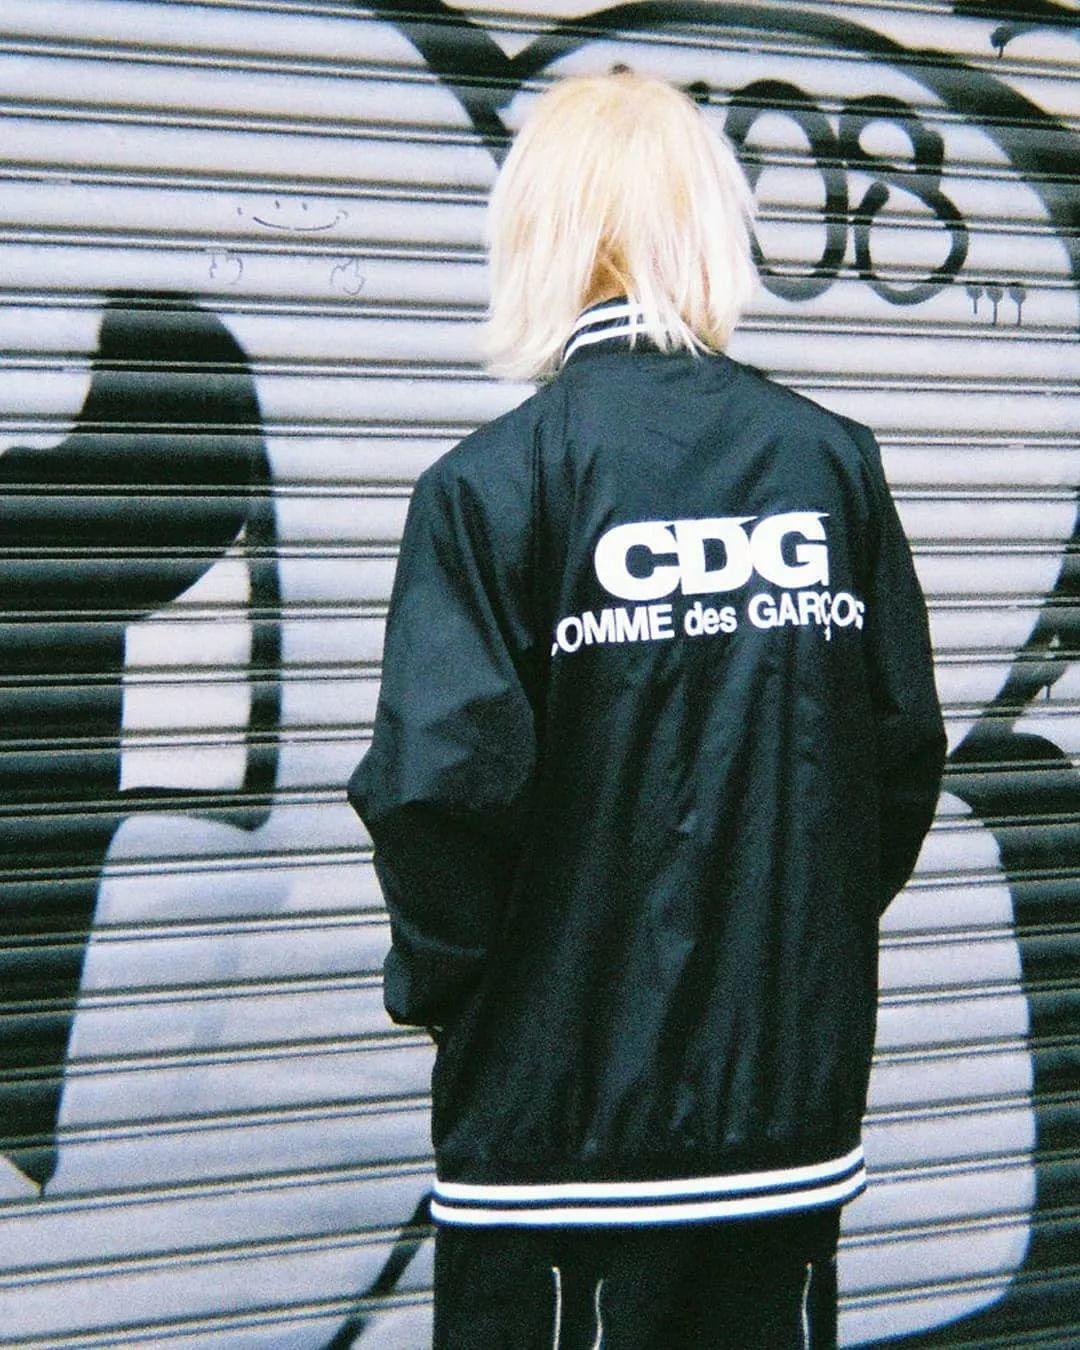 预警:川久保玲CDG x BGS三方联名超限量曝光,明日将发售!